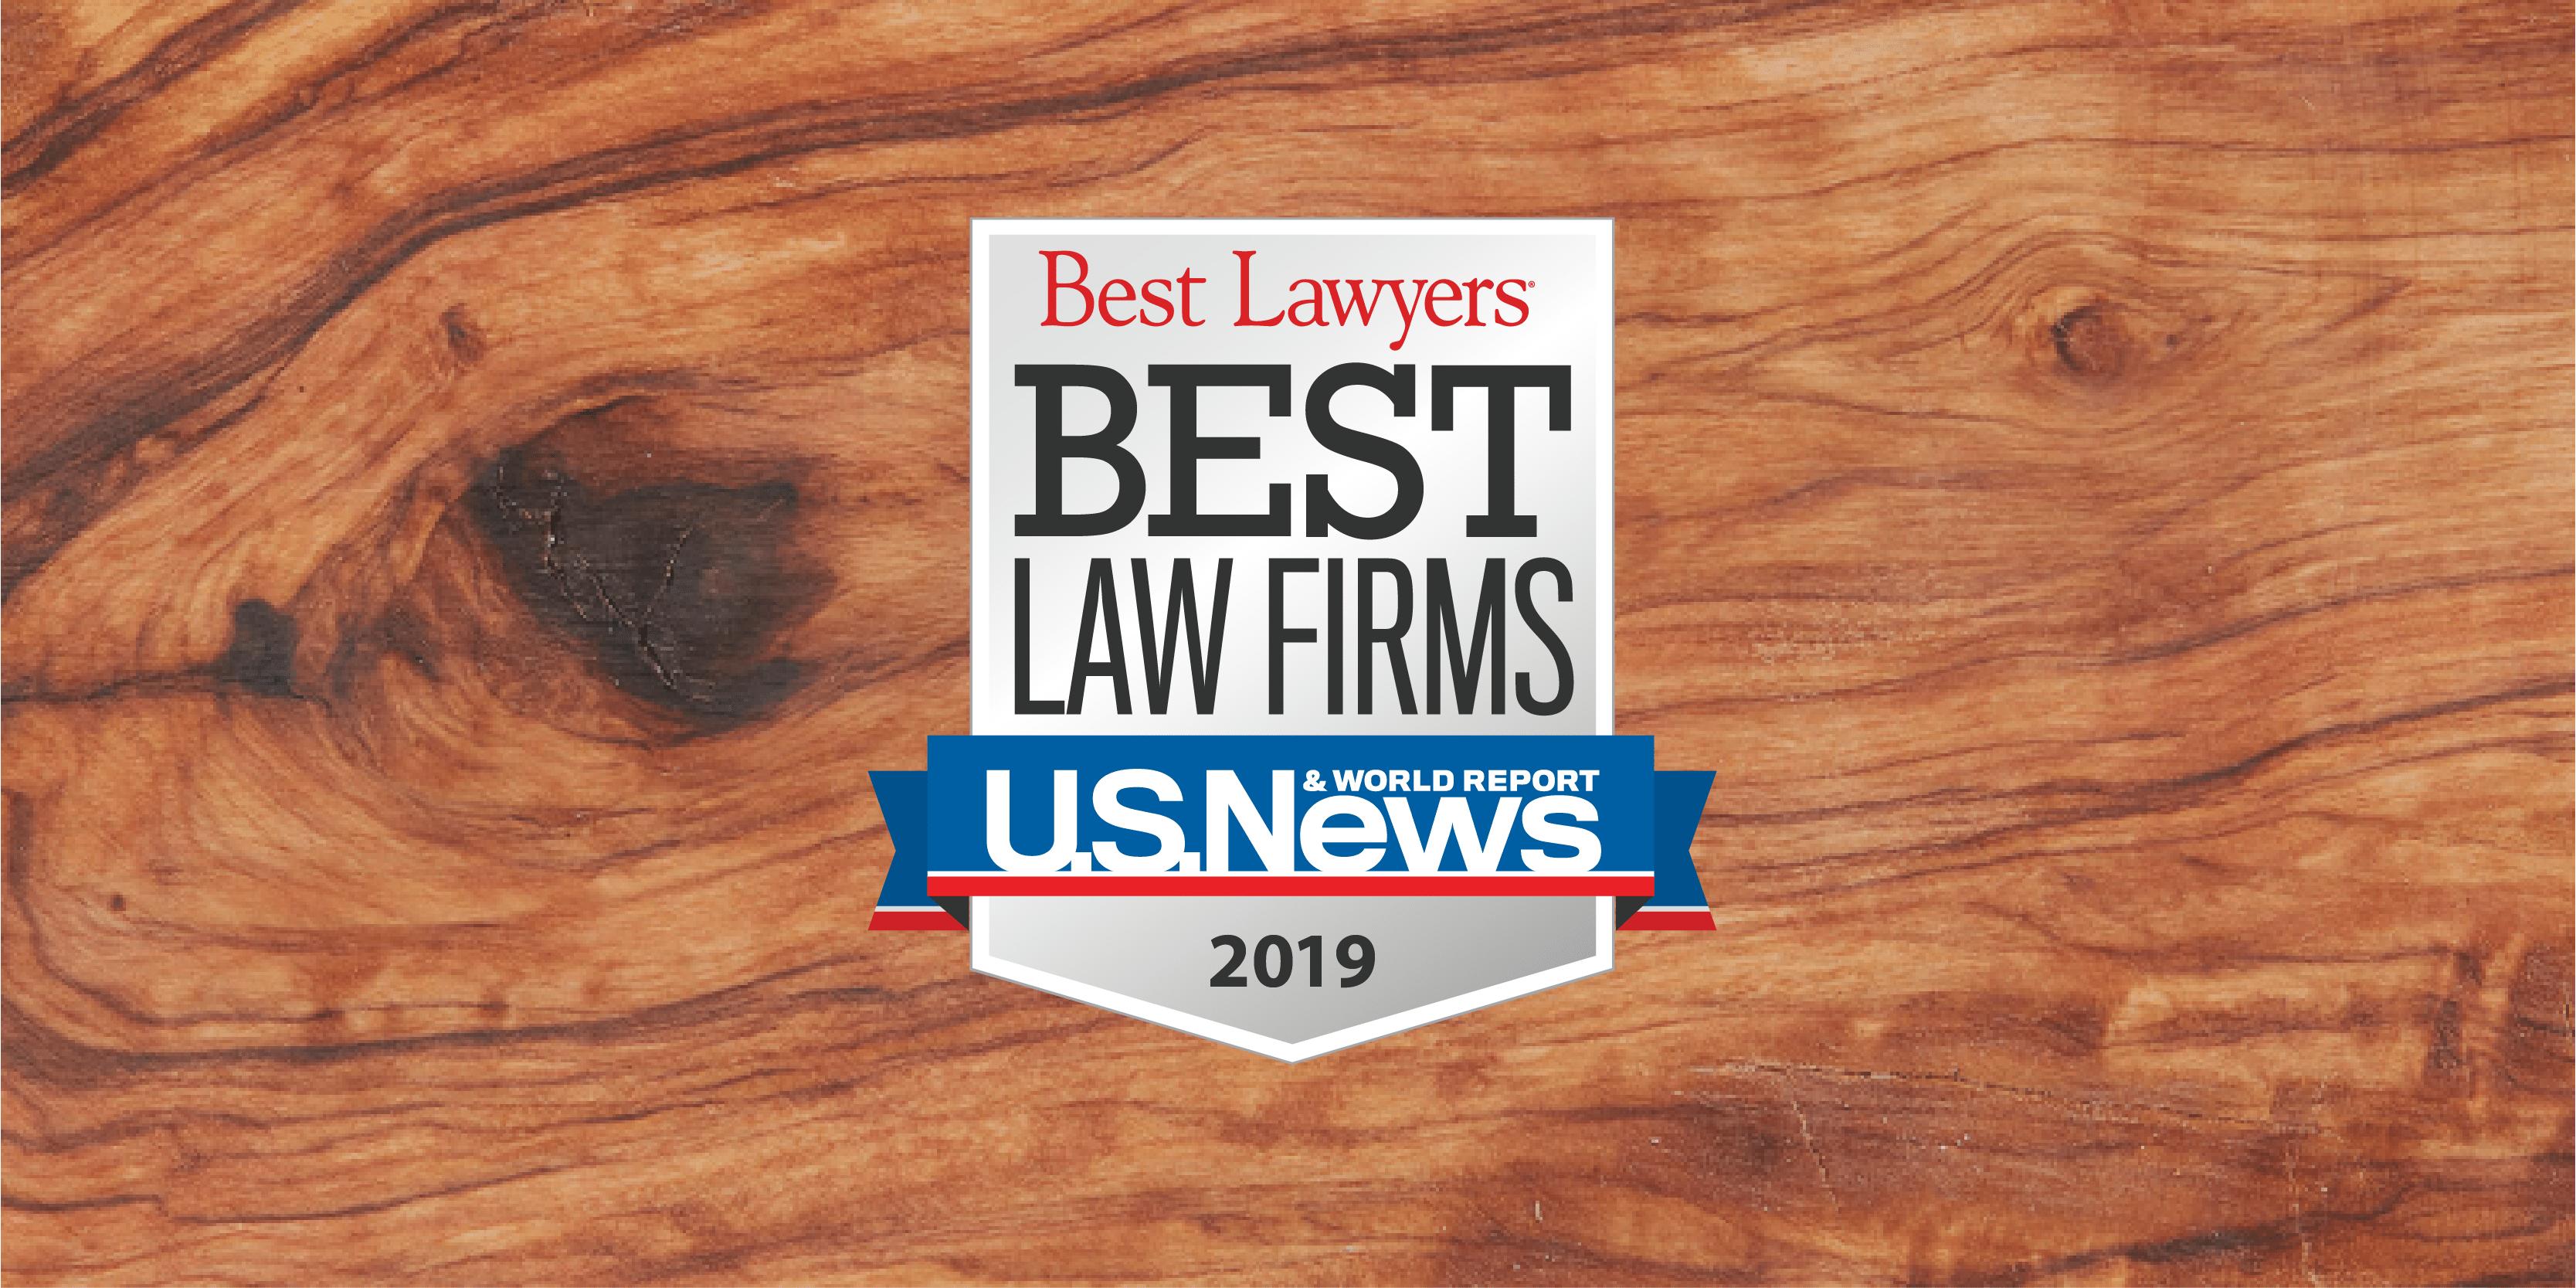 U.S. News \'Best Law Firms\' 2019 Recognizes Minami Tamaki\'s.